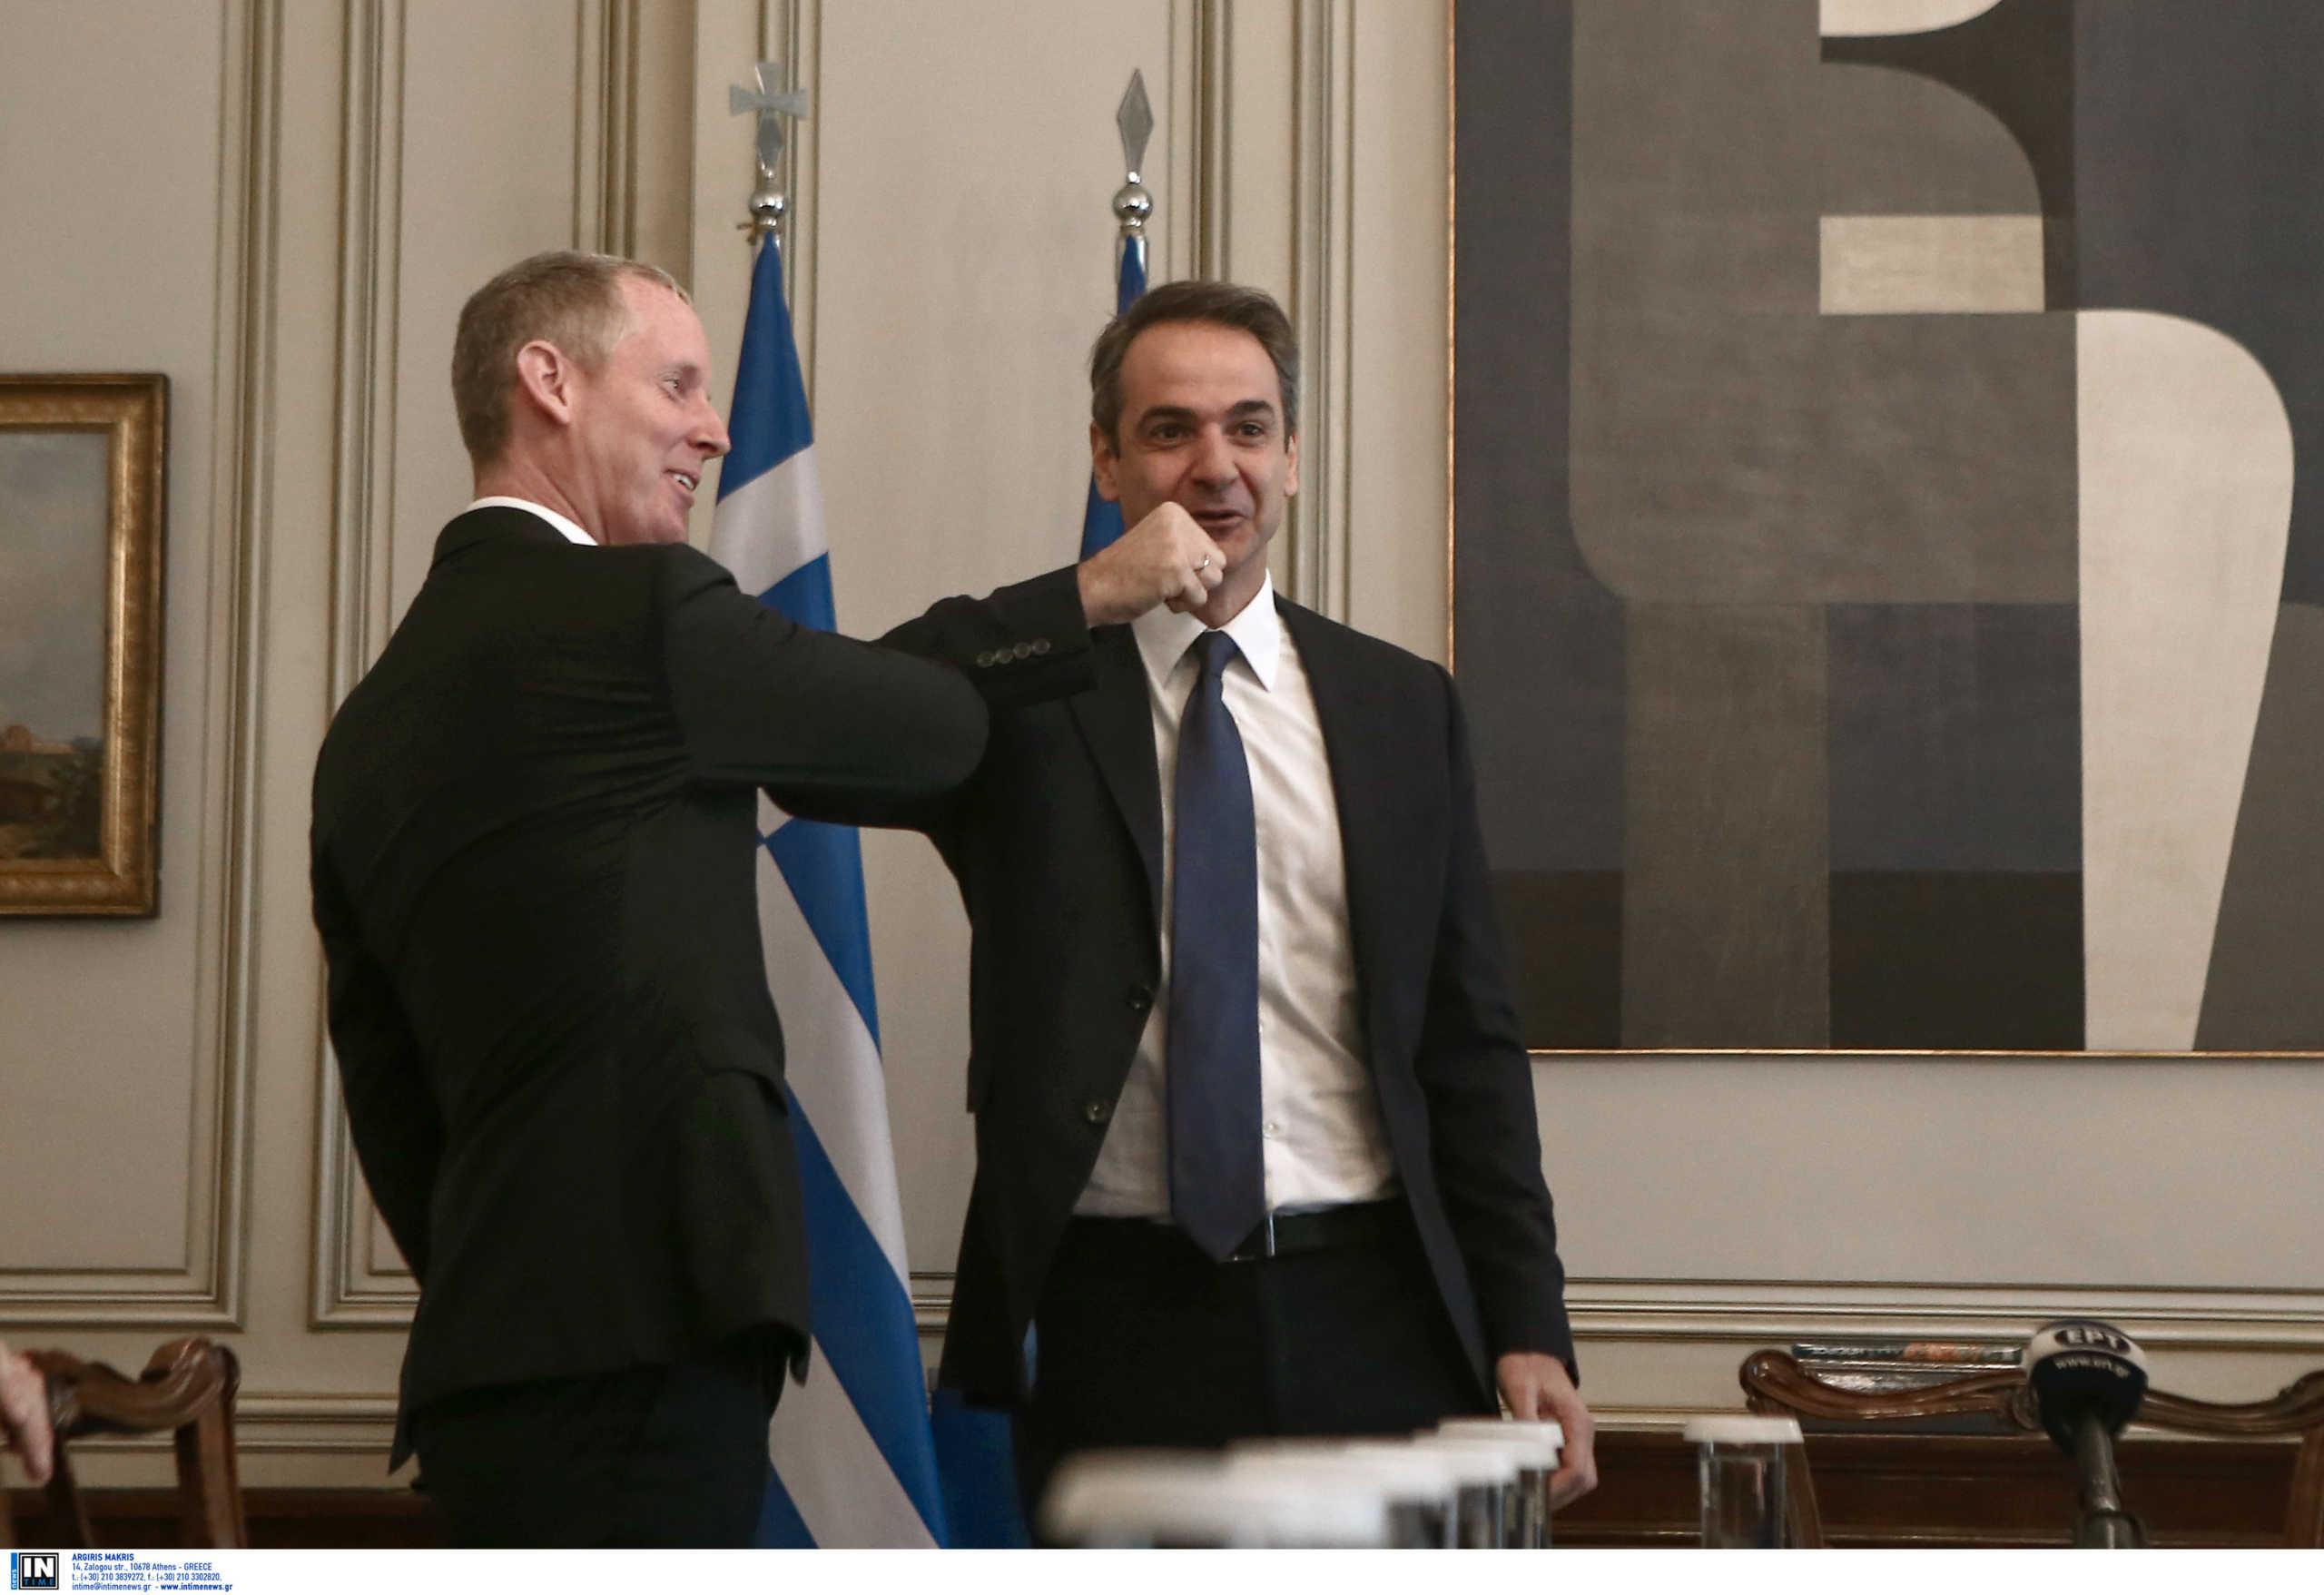 """Ο κορονοϊός… «έκοψε» τις χειραψίες! Ο """"άλλος"""" χαιρετισμός Μητσοτάκη με τον αντιπρόεδρο της ΕΤΕπ"""